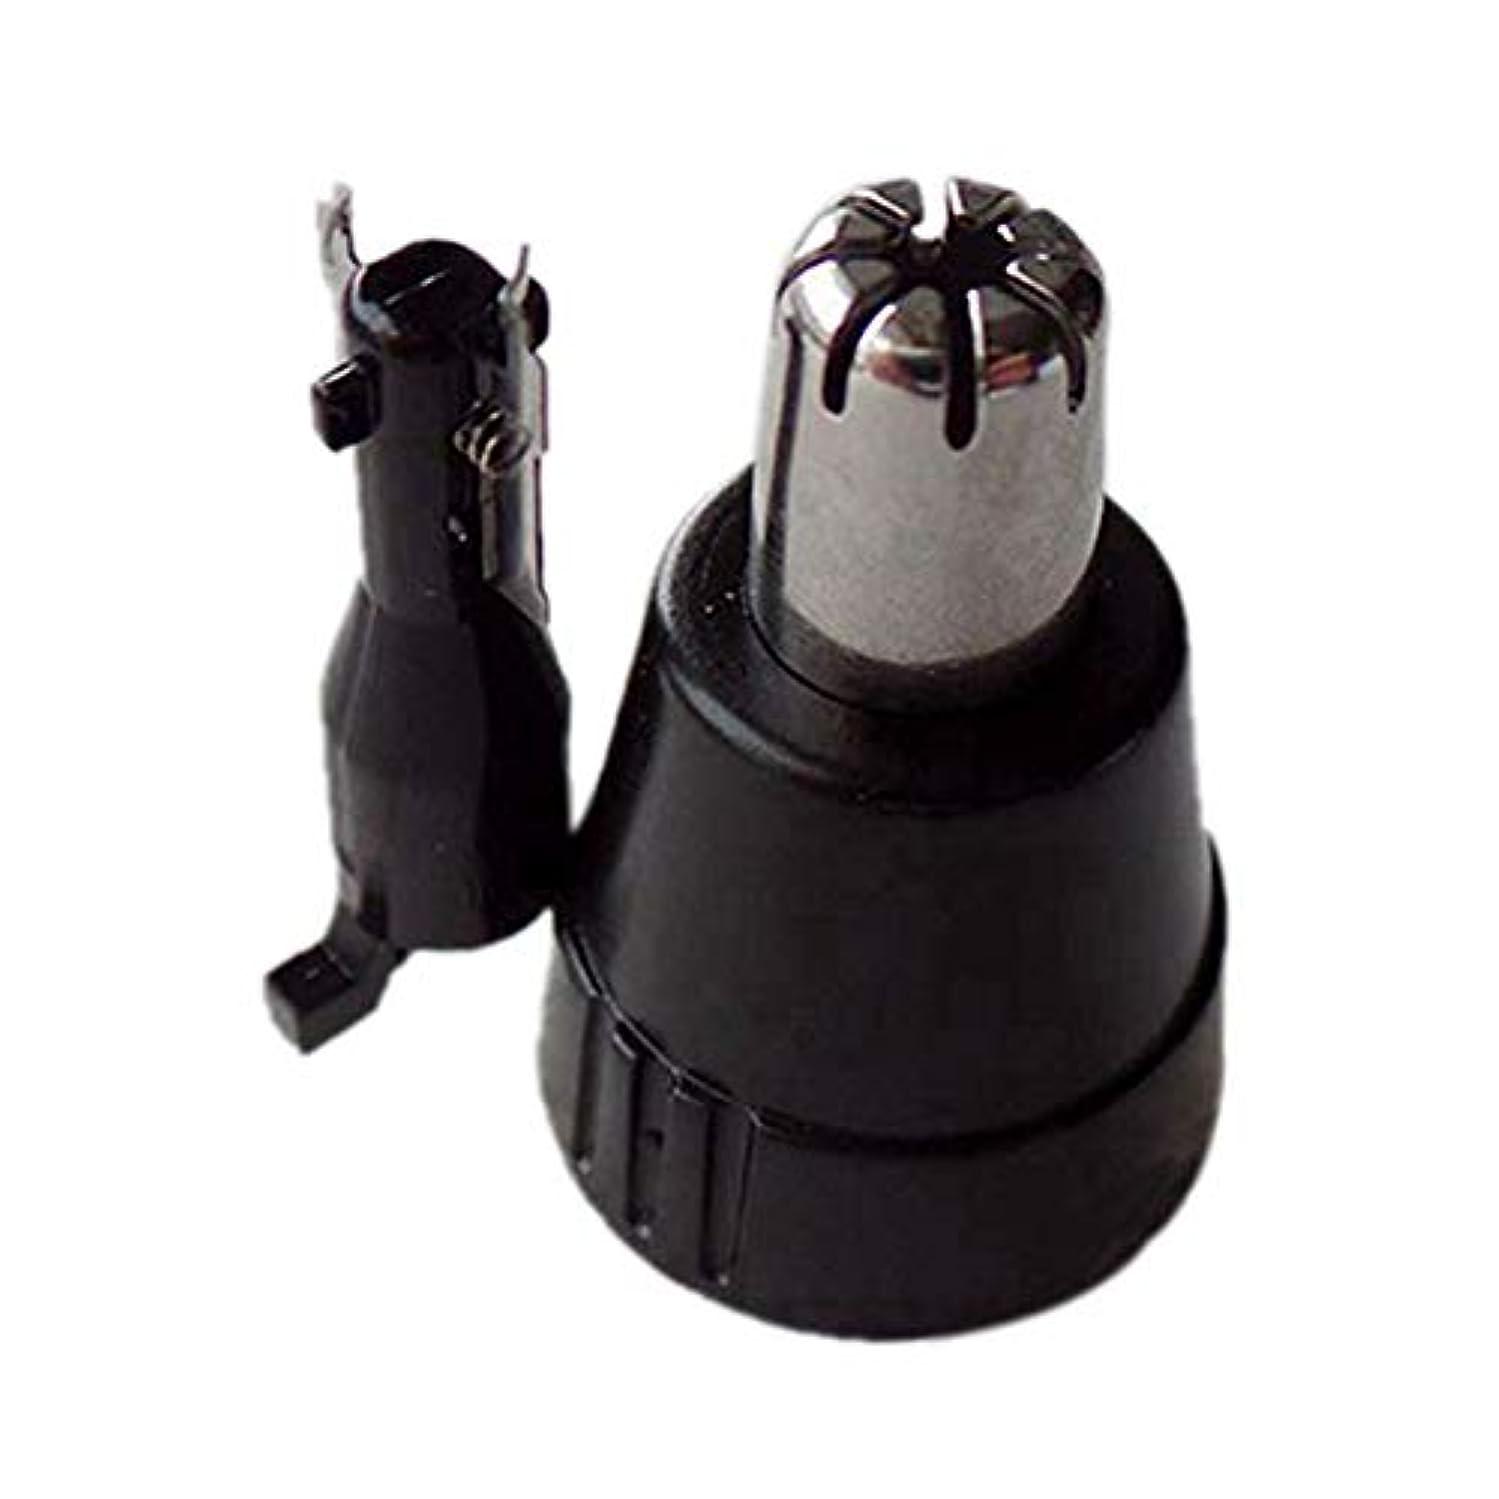 スタンド生命体不名誉Hzjundasi 鼻毛カッターパーツ 内刃 外刃 替刃 耐用 高質量 for Panasonic 鼻毛カッター ER-GN30/-GN10